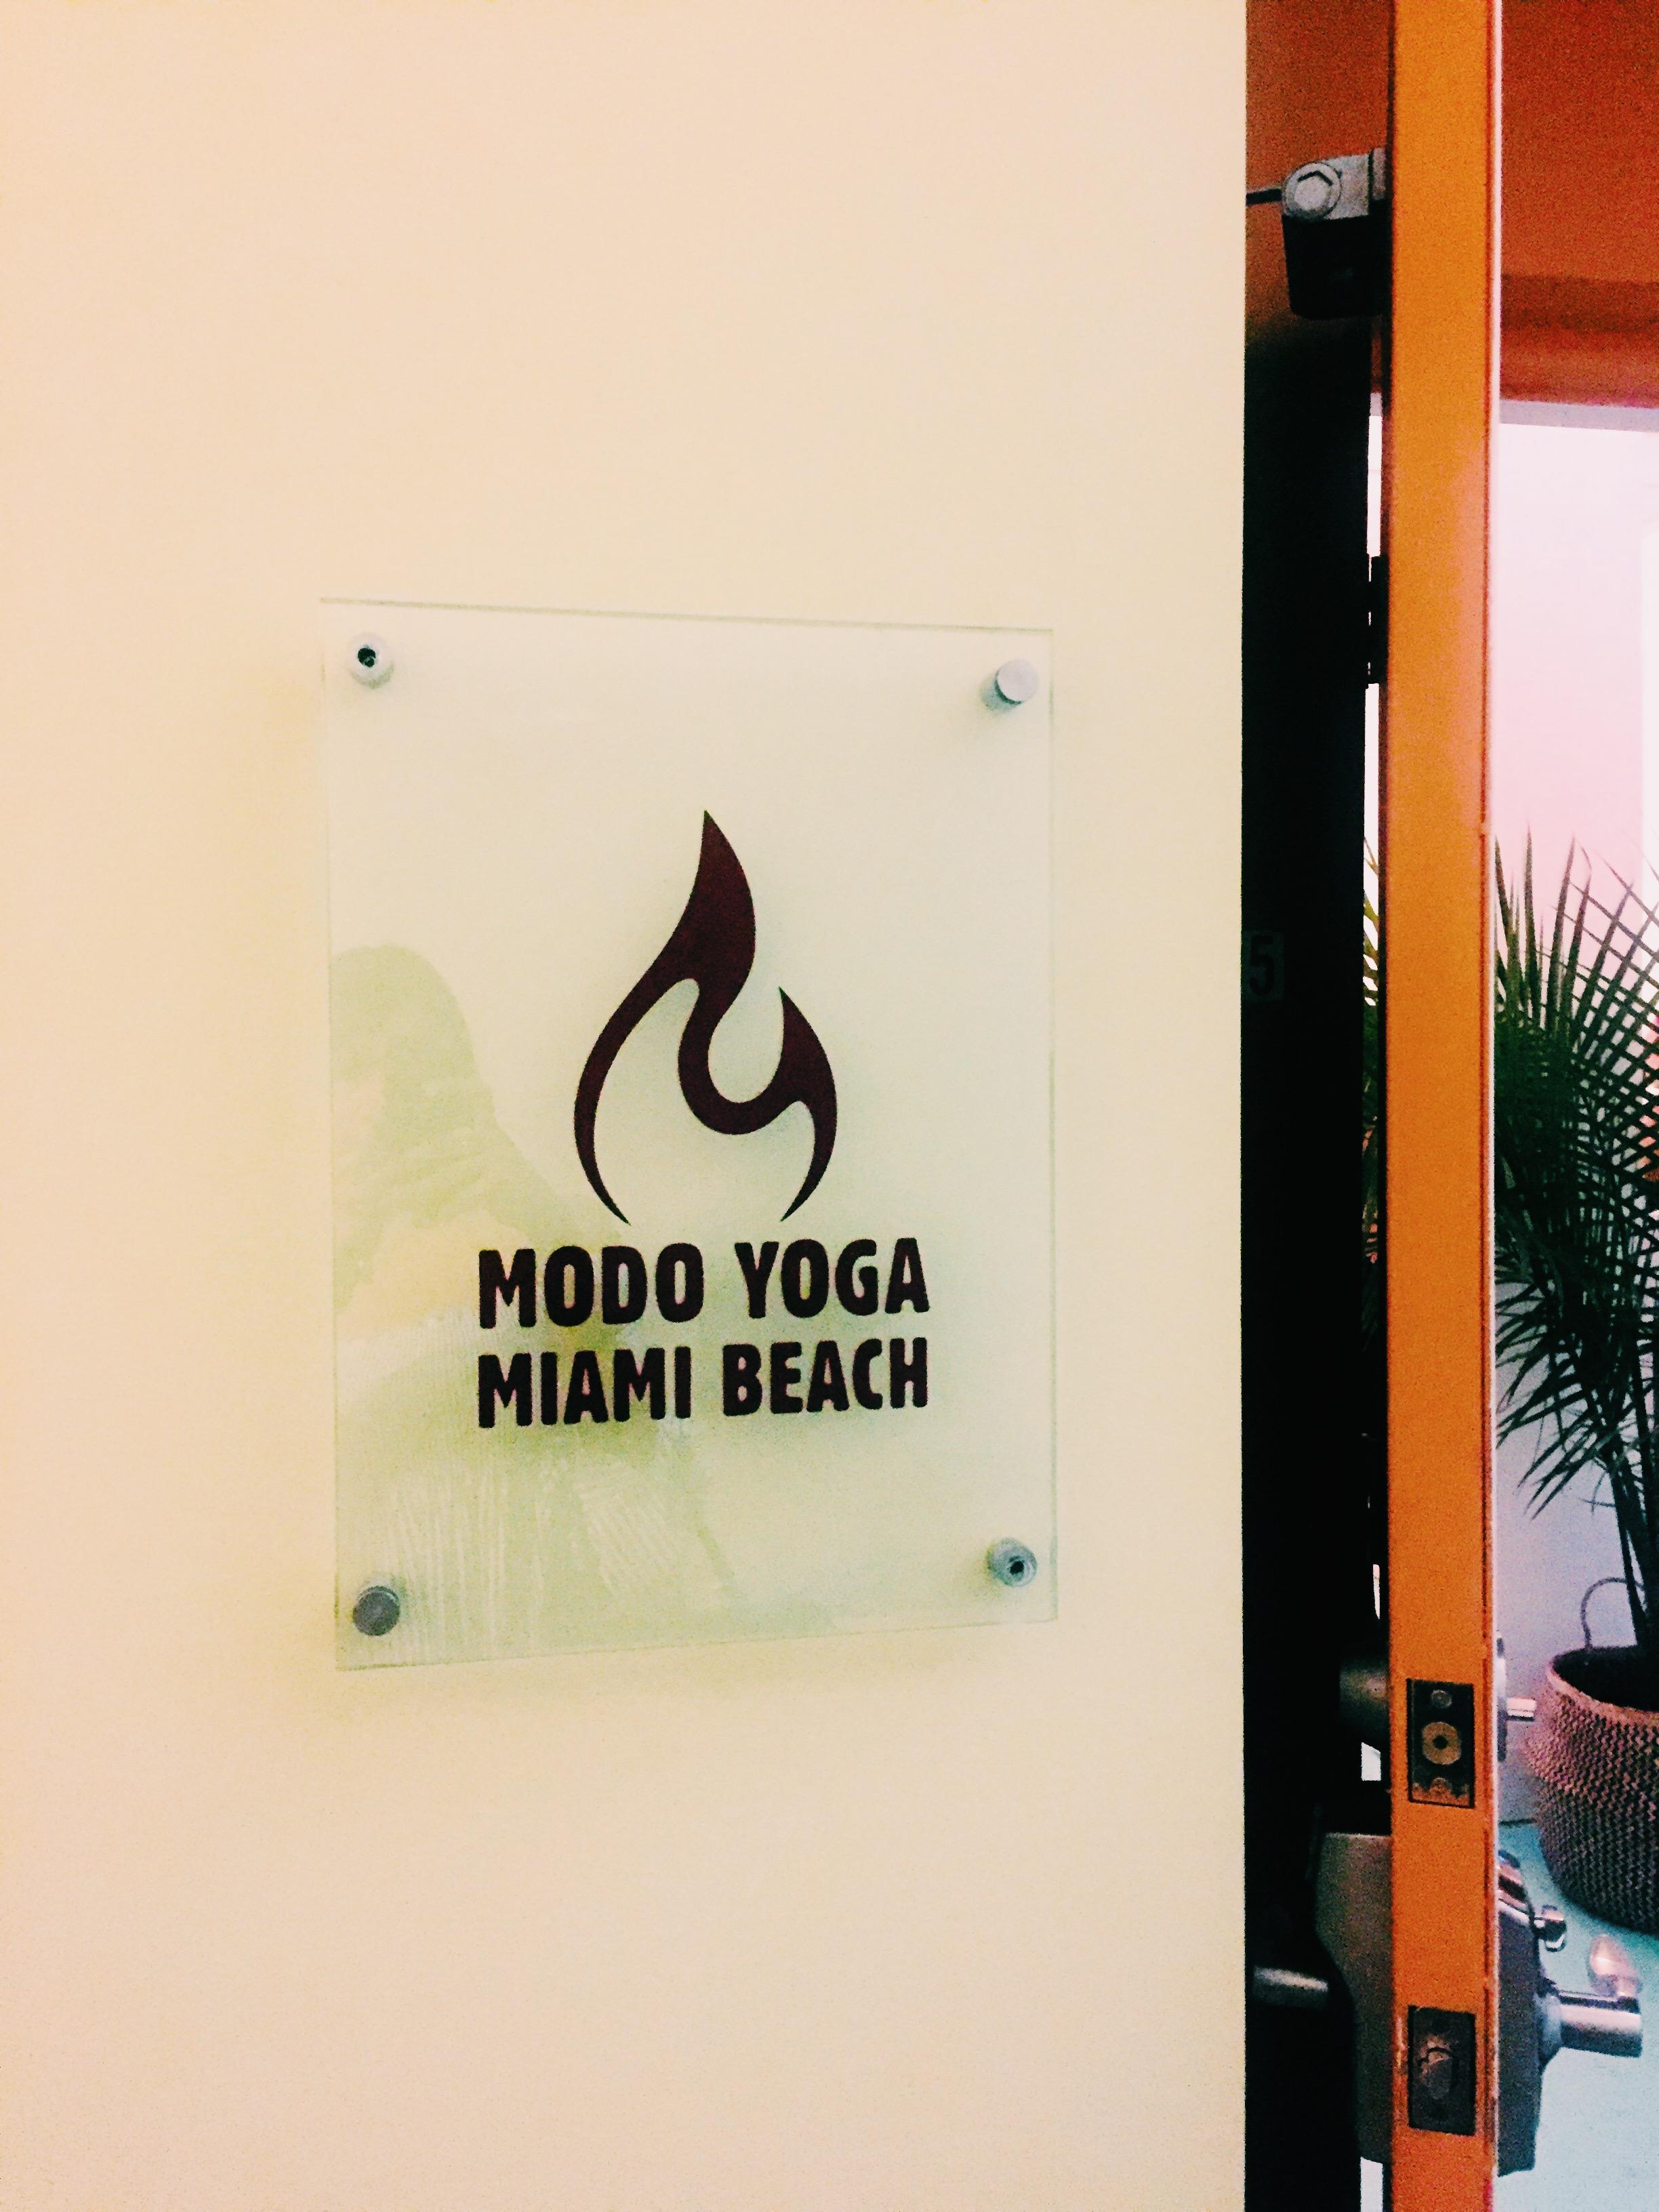 Welcome to Modo Yoga Miami Beach